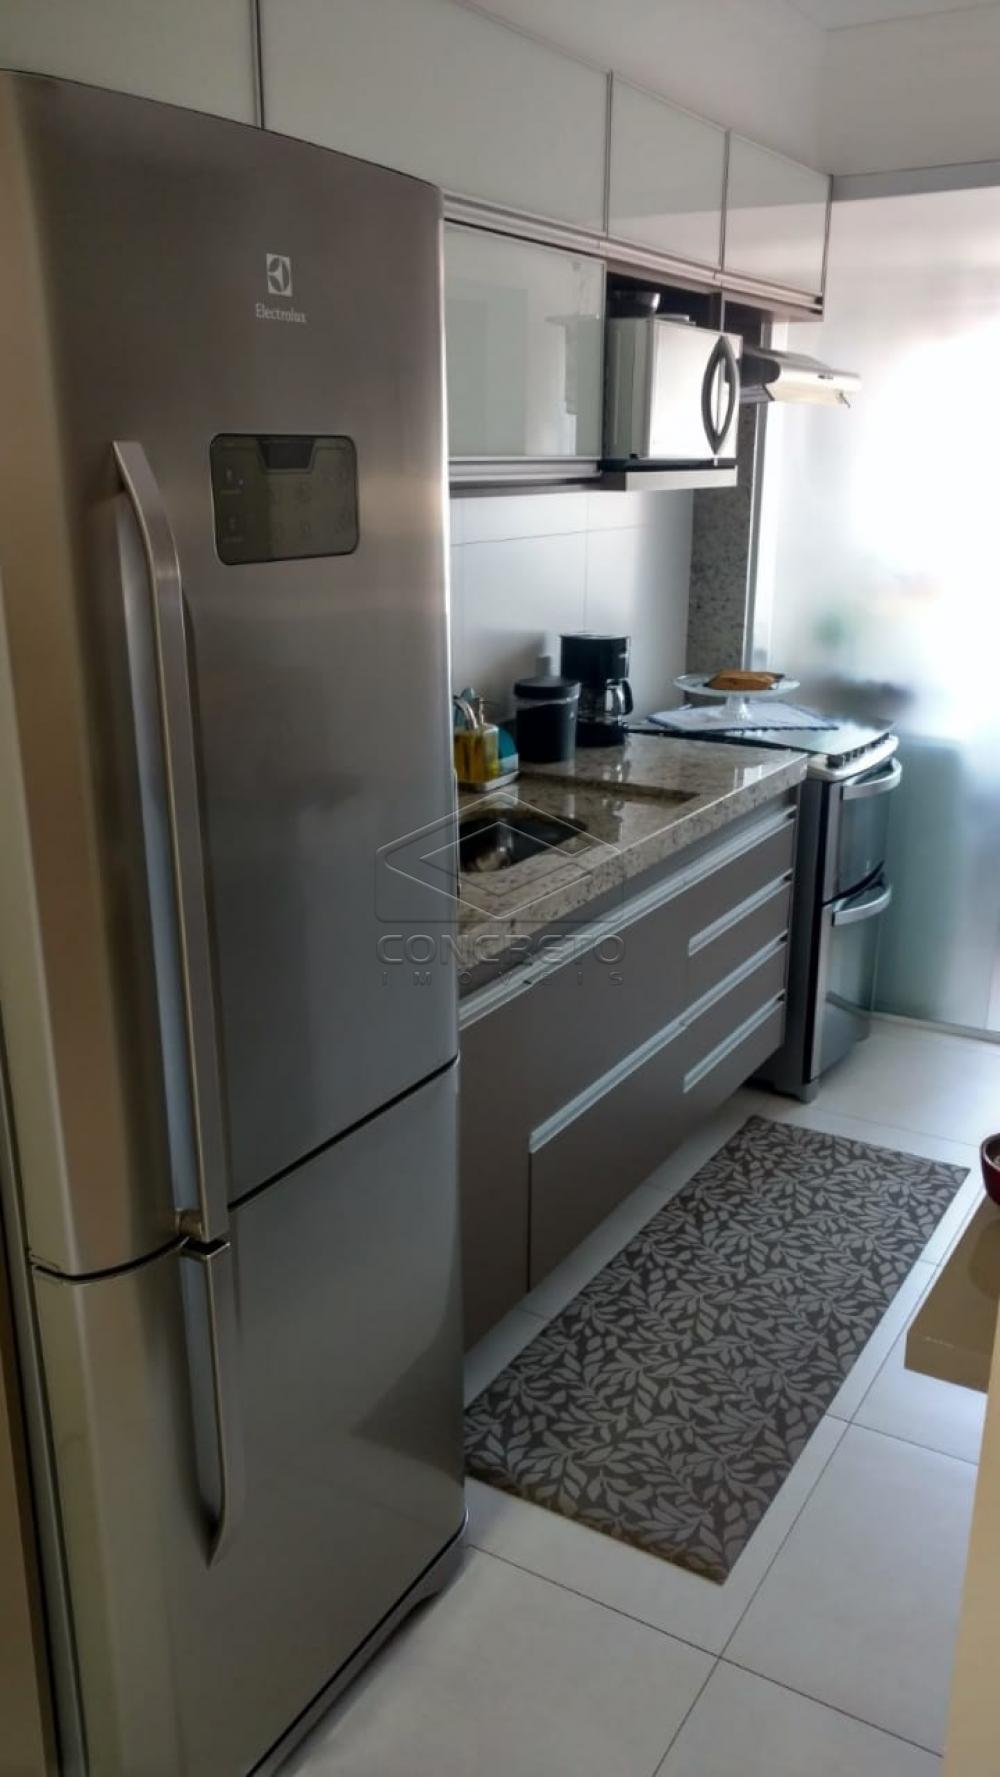 Comprar Apartamento / Padrão em Bauru R$ 640.000,00 - Foto 5